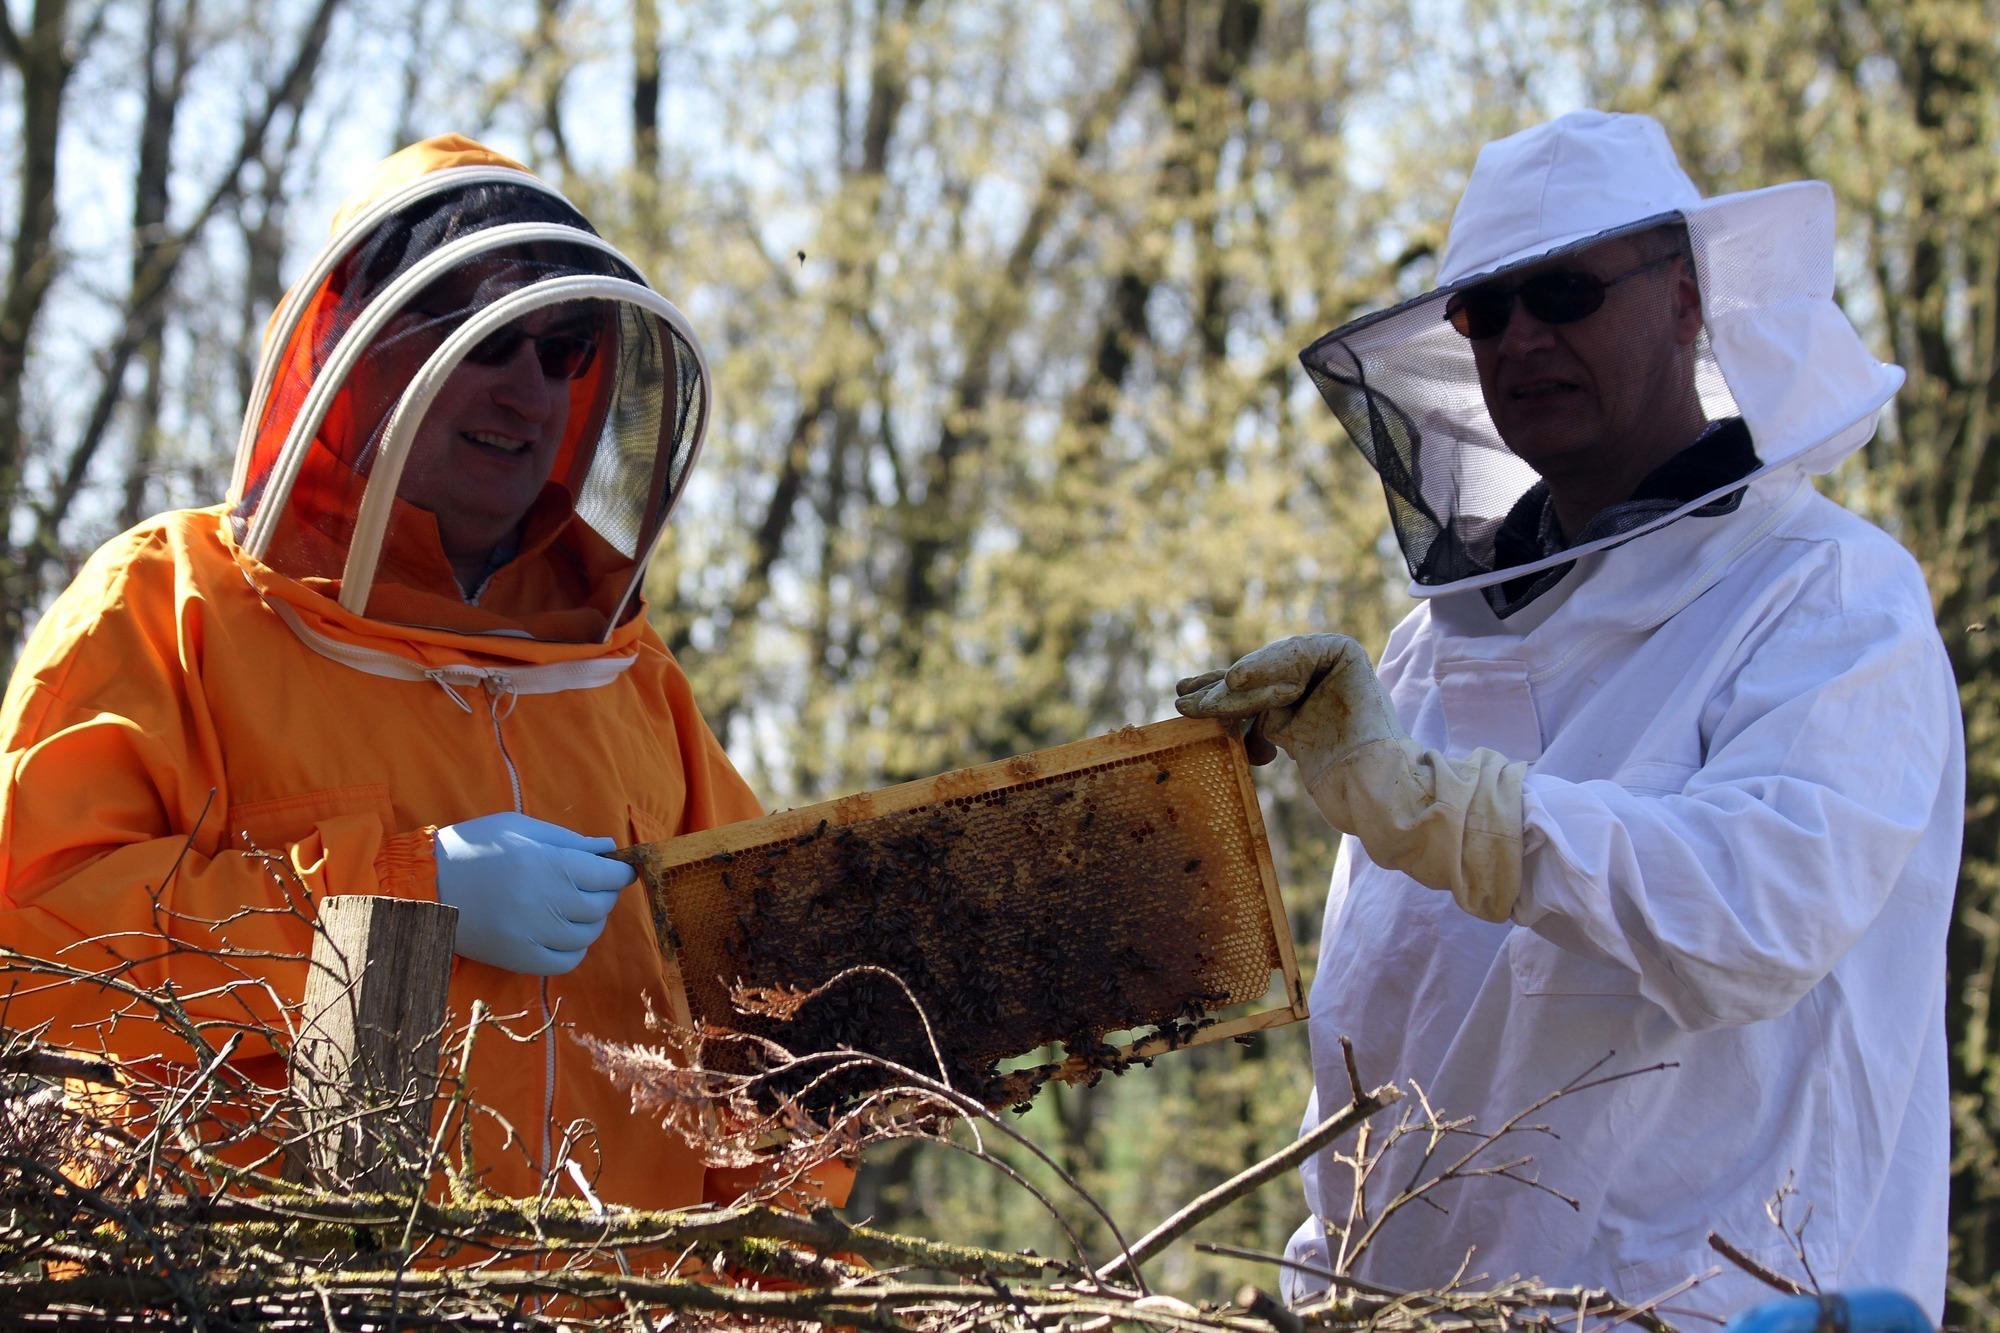 Bezirksimkerverein Wiesloch: Ein Beitrag wider das Bienensterben ...